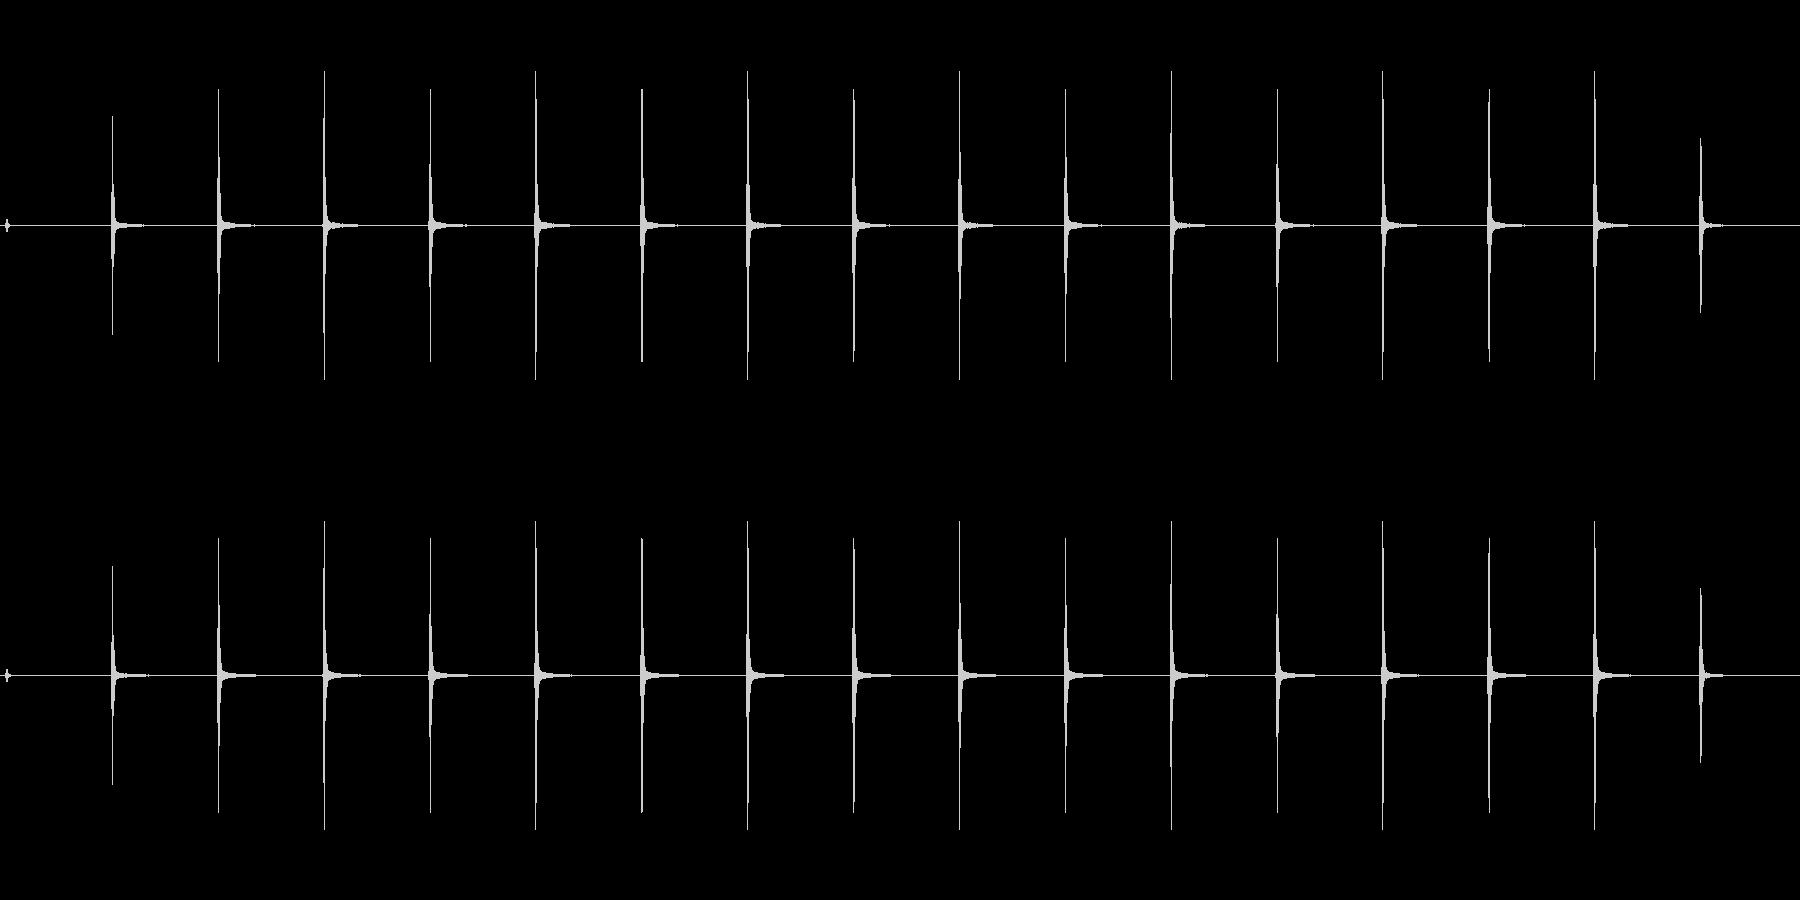 時計 ticktock_29-3_revの未再生の波形